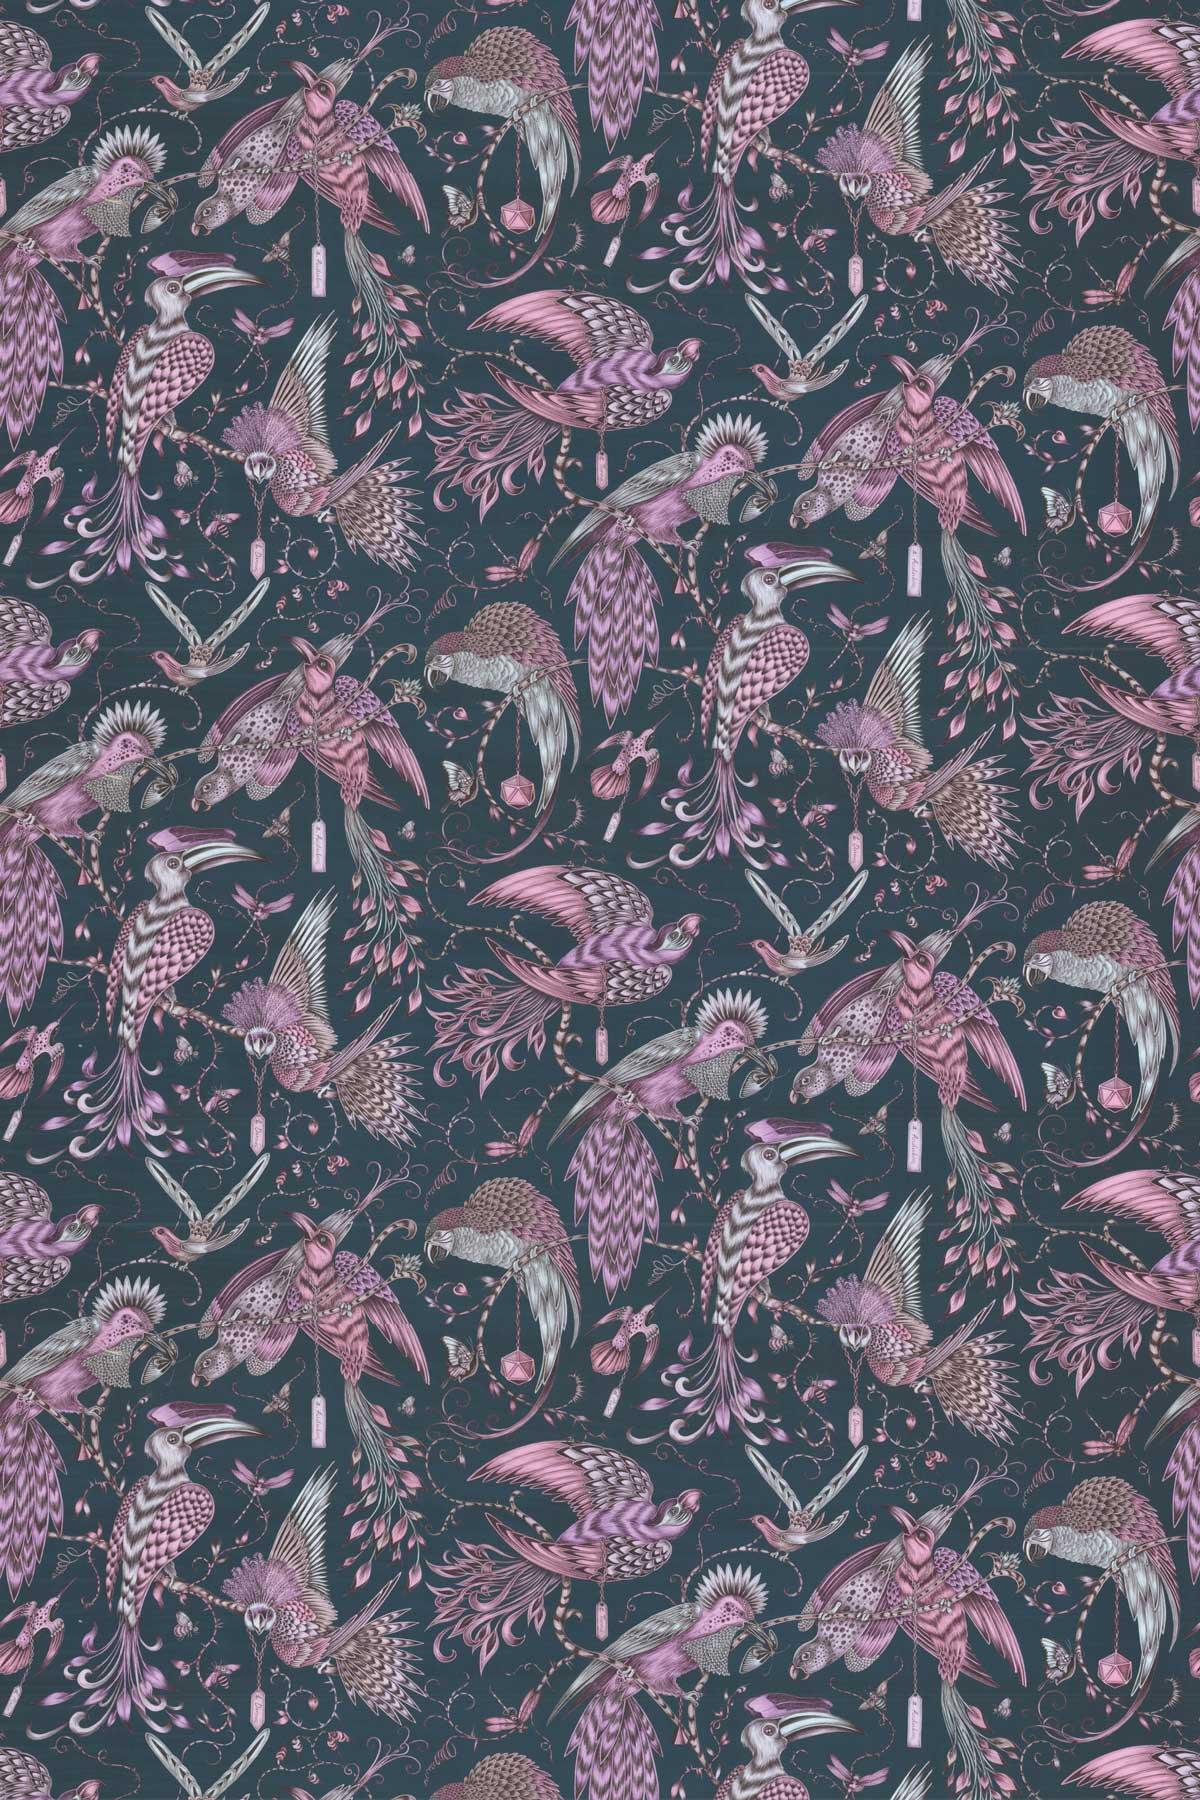 Audubon Fabric - Pink - by Emma J Shipley